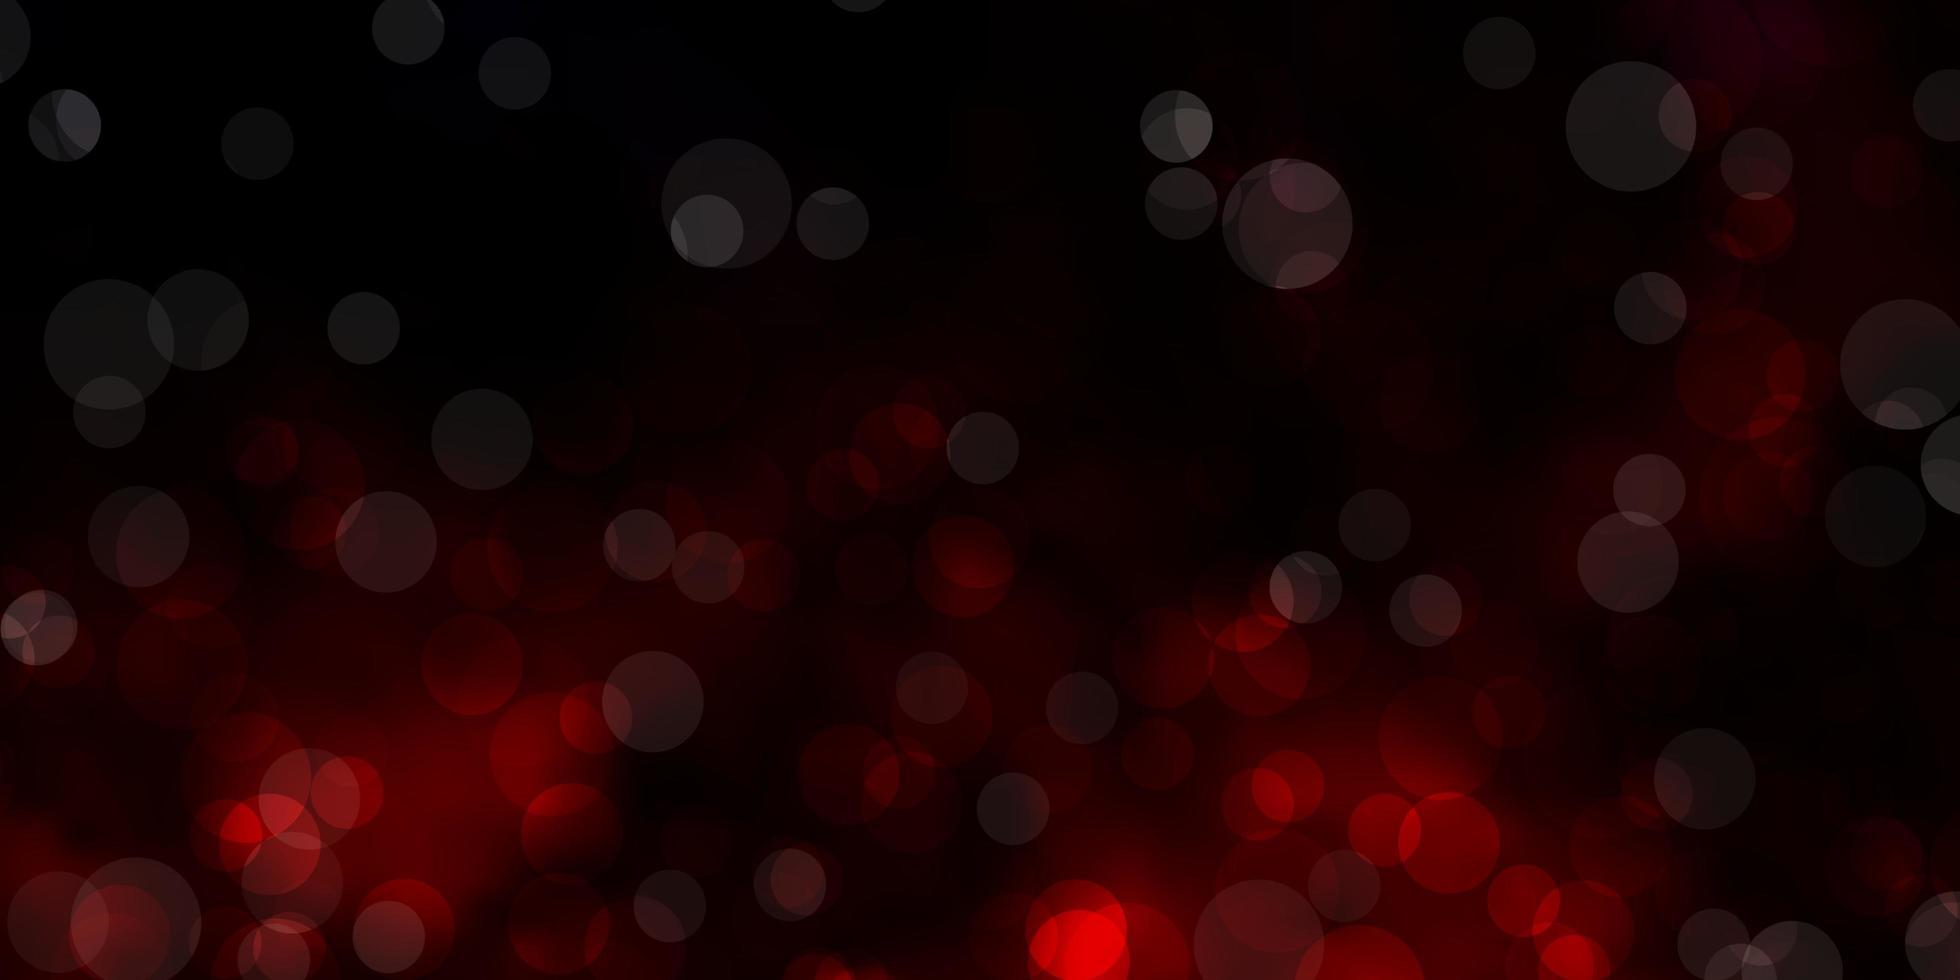 mörk röd bakgrund med bubblor. vektor